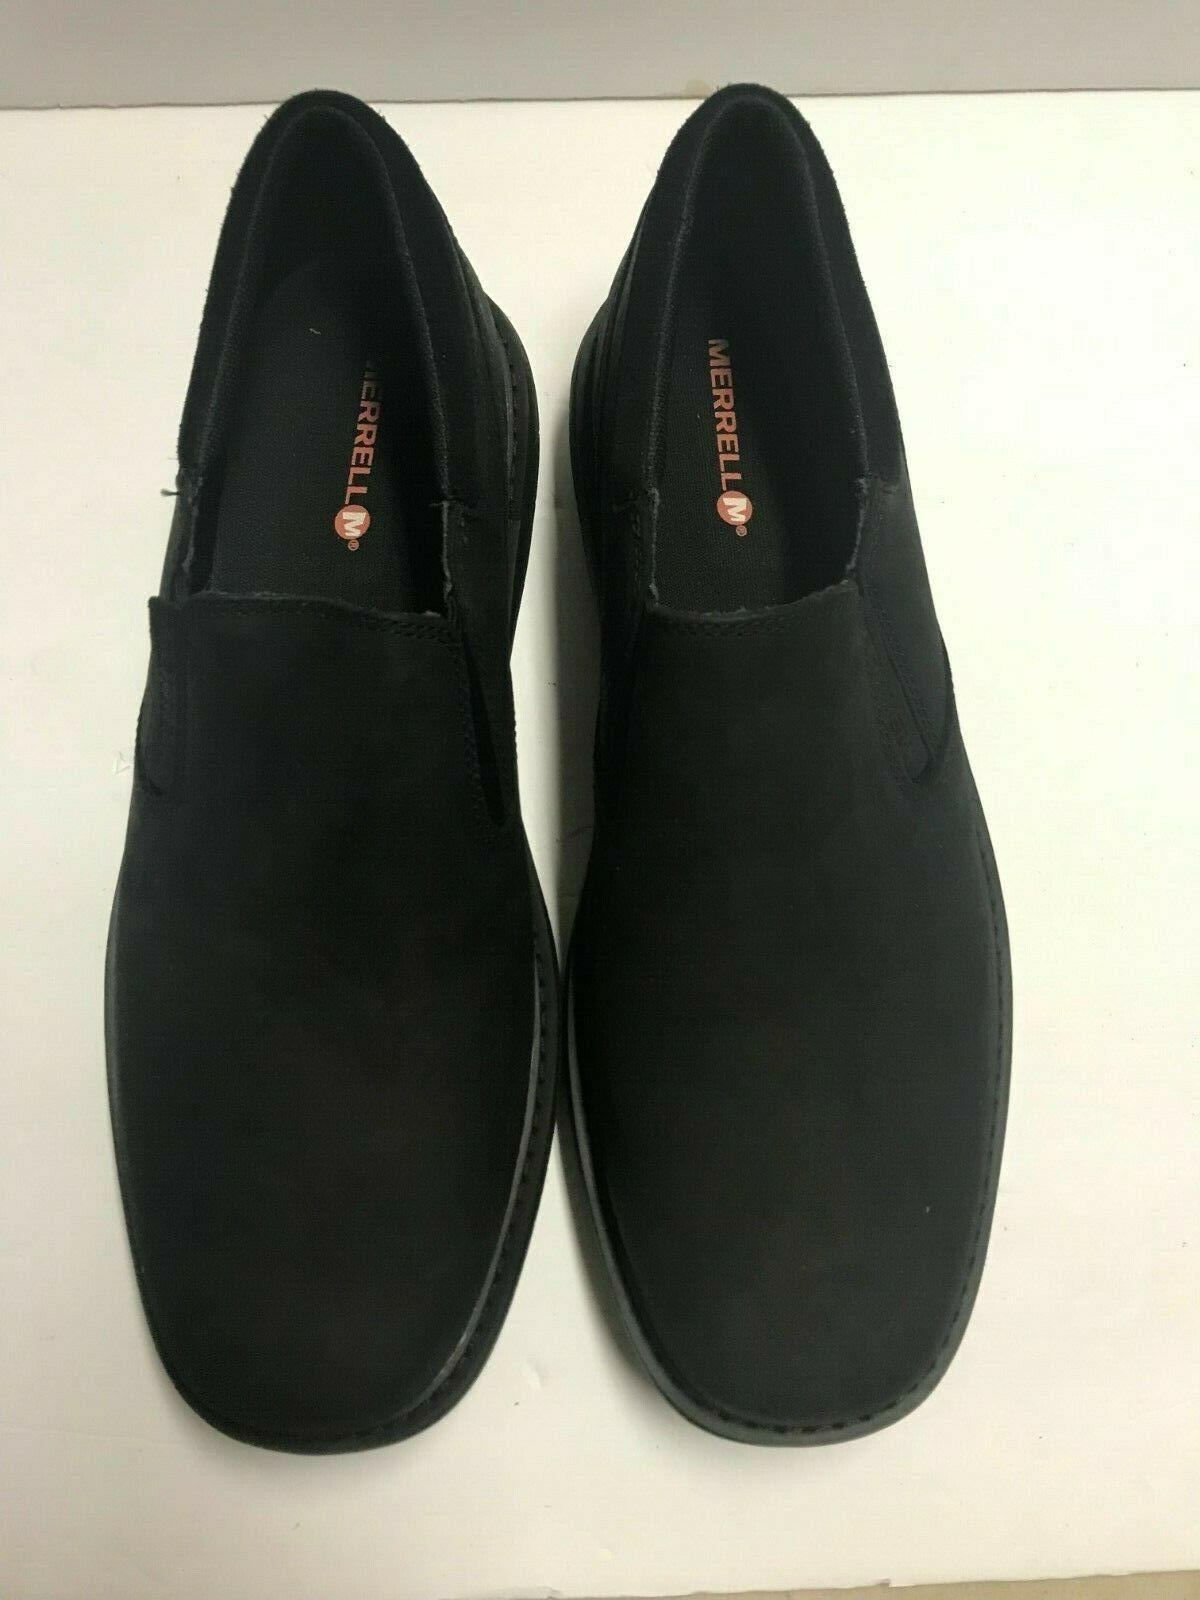 Merrell Men's World Vue Moc Slip-on  Black Size 10 M New